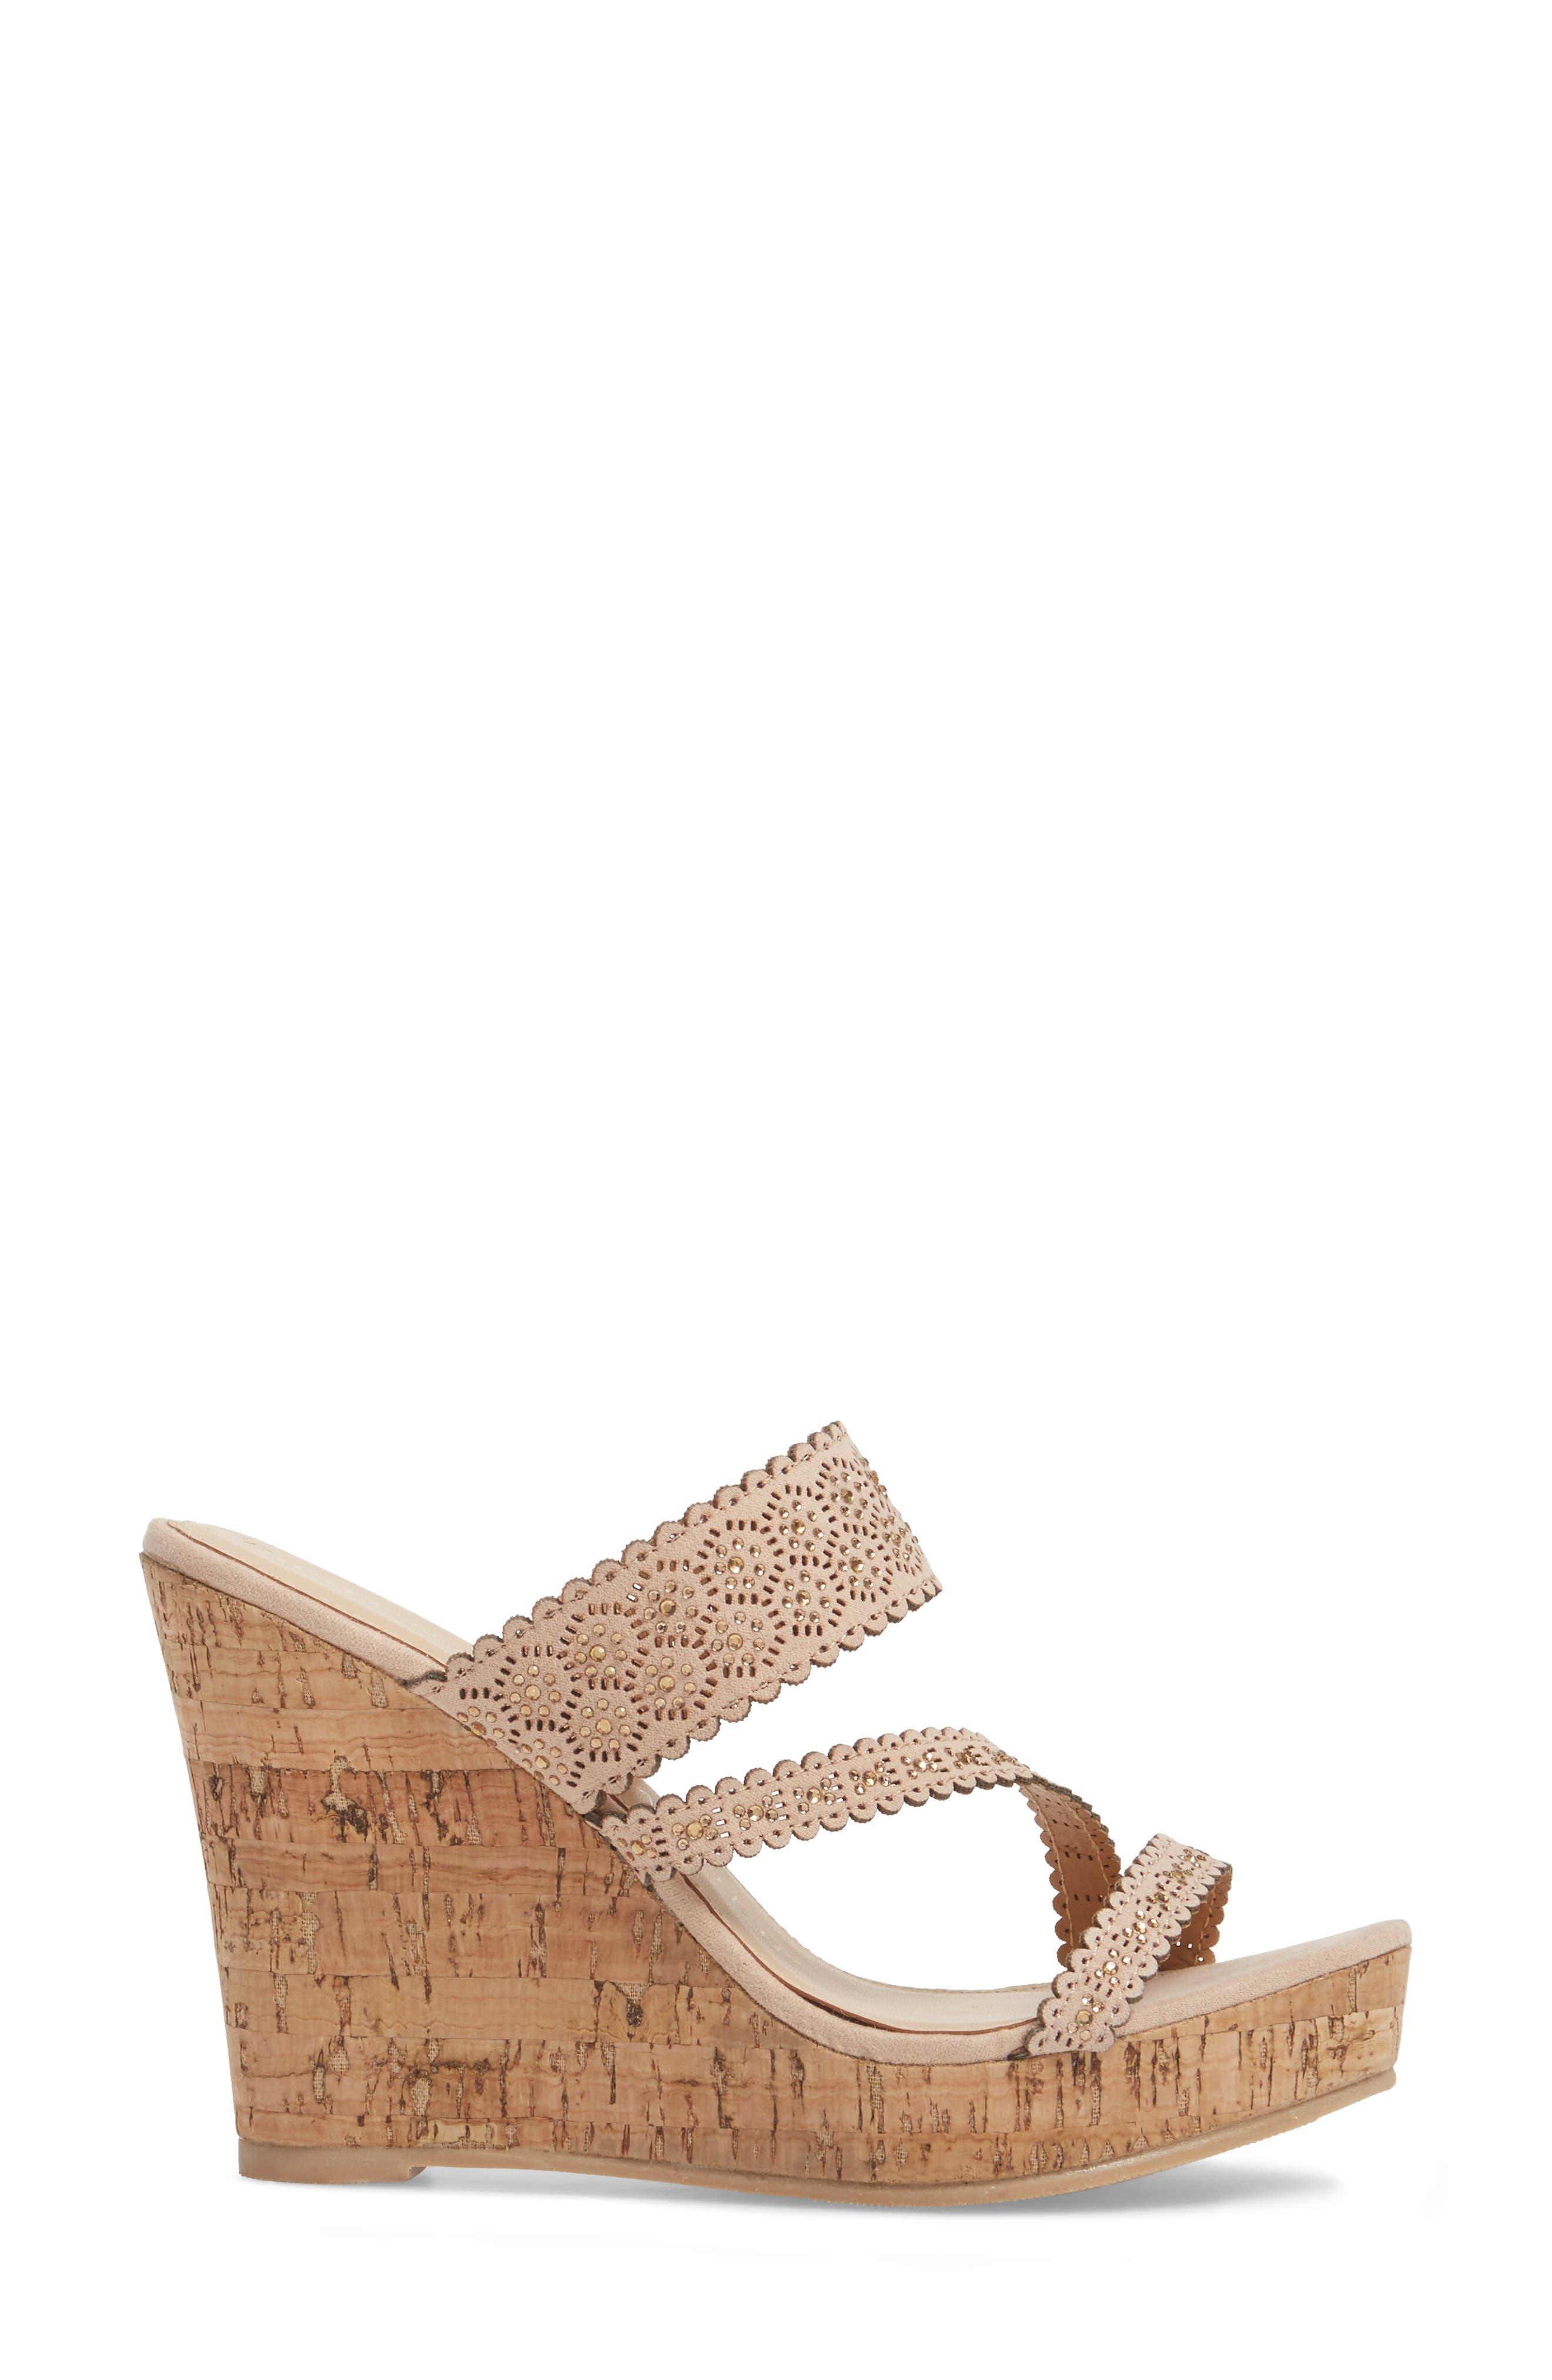 Aerin Embellished Wedge Sandal,                             Alternate thumbnail 3, color,                             Blush Suede